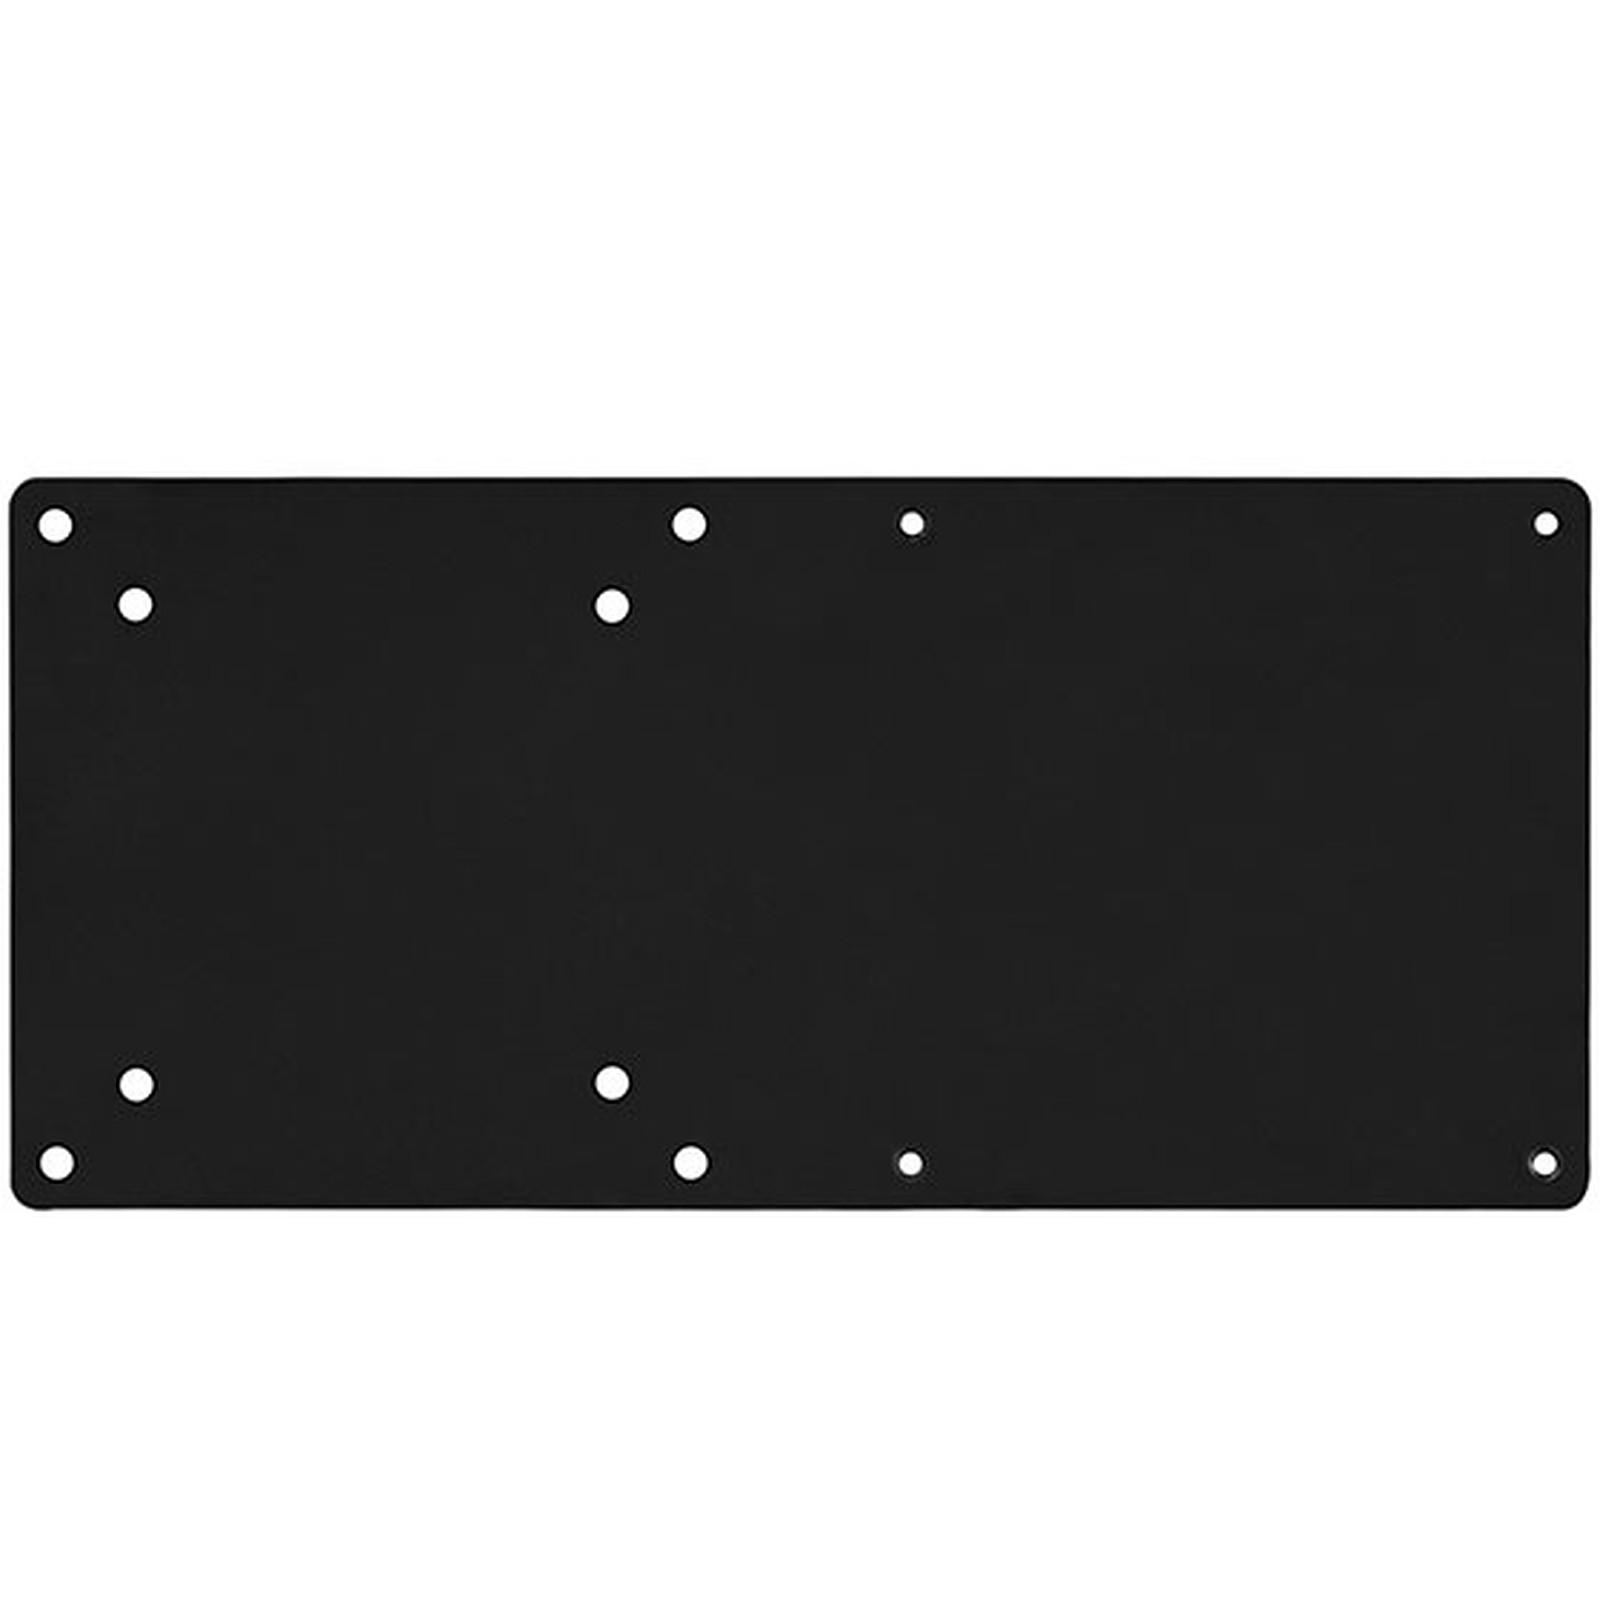 SilverStone MVA01 Noir